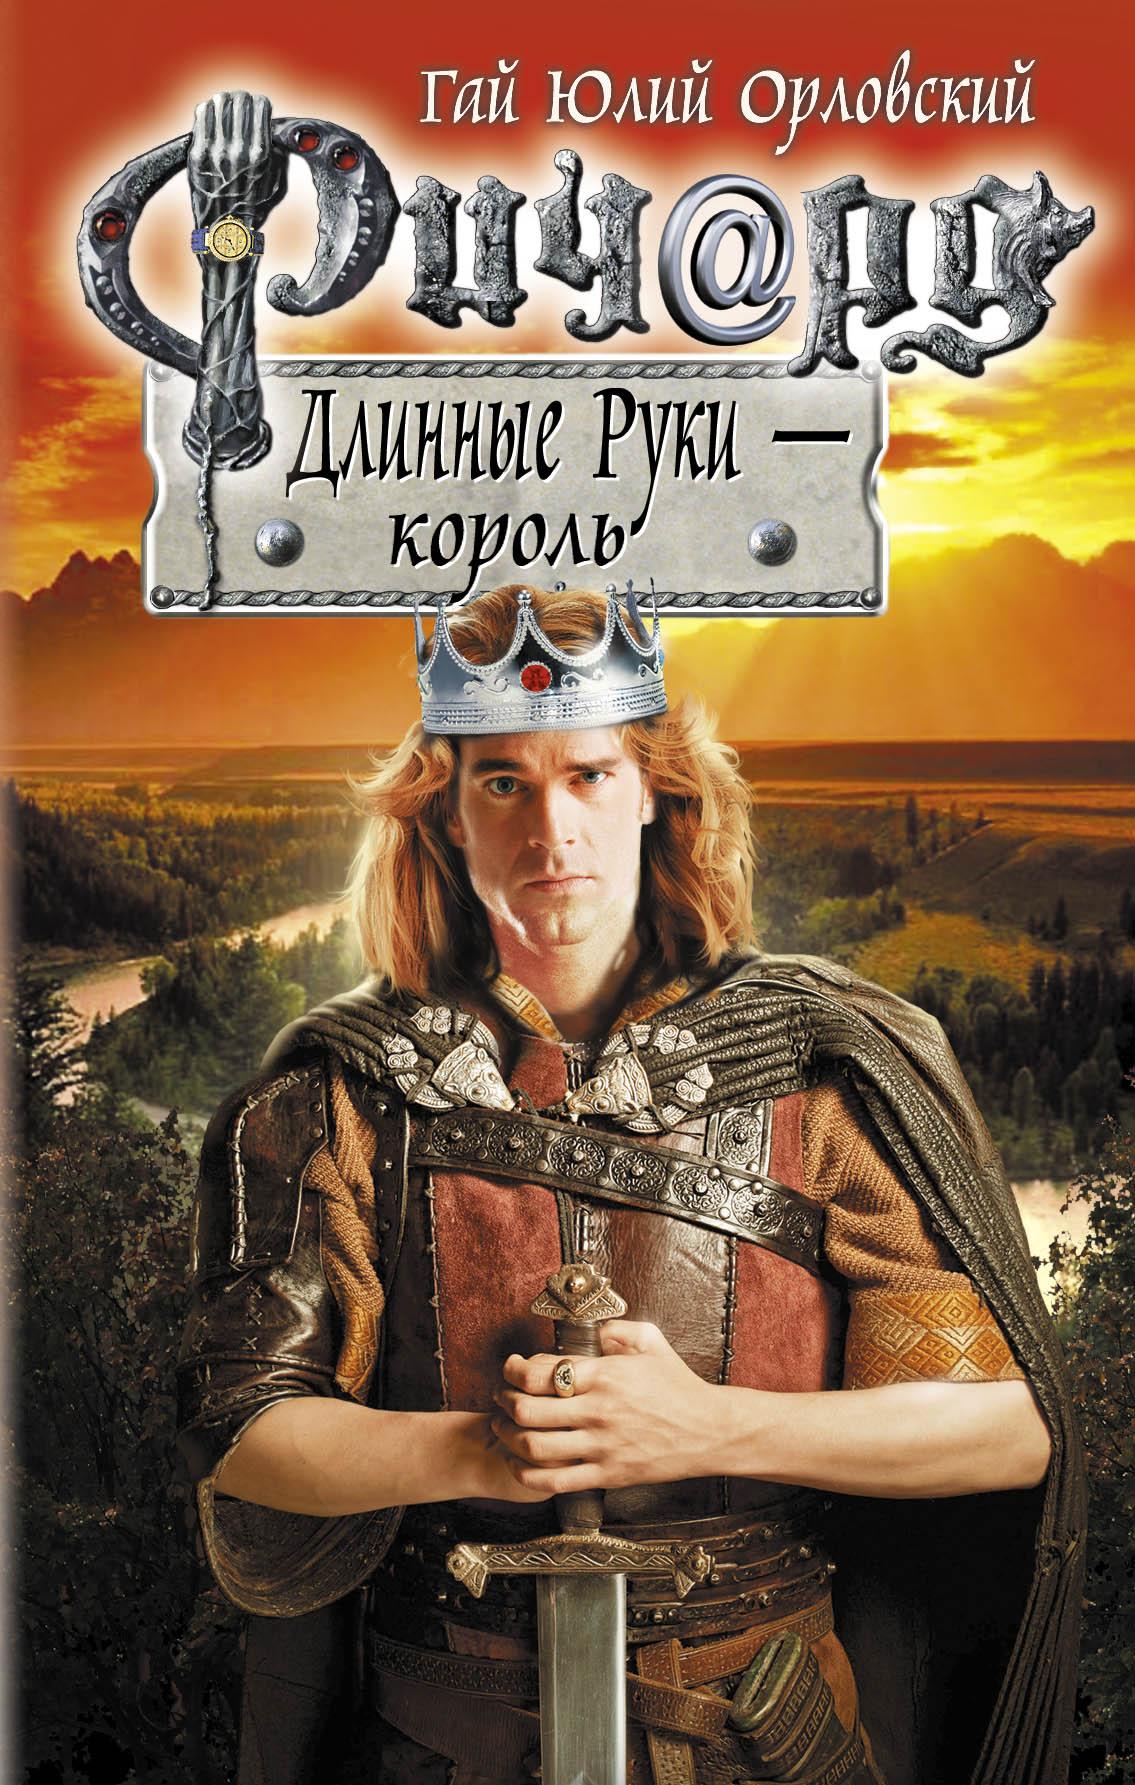 Каштановый король скачать fb2